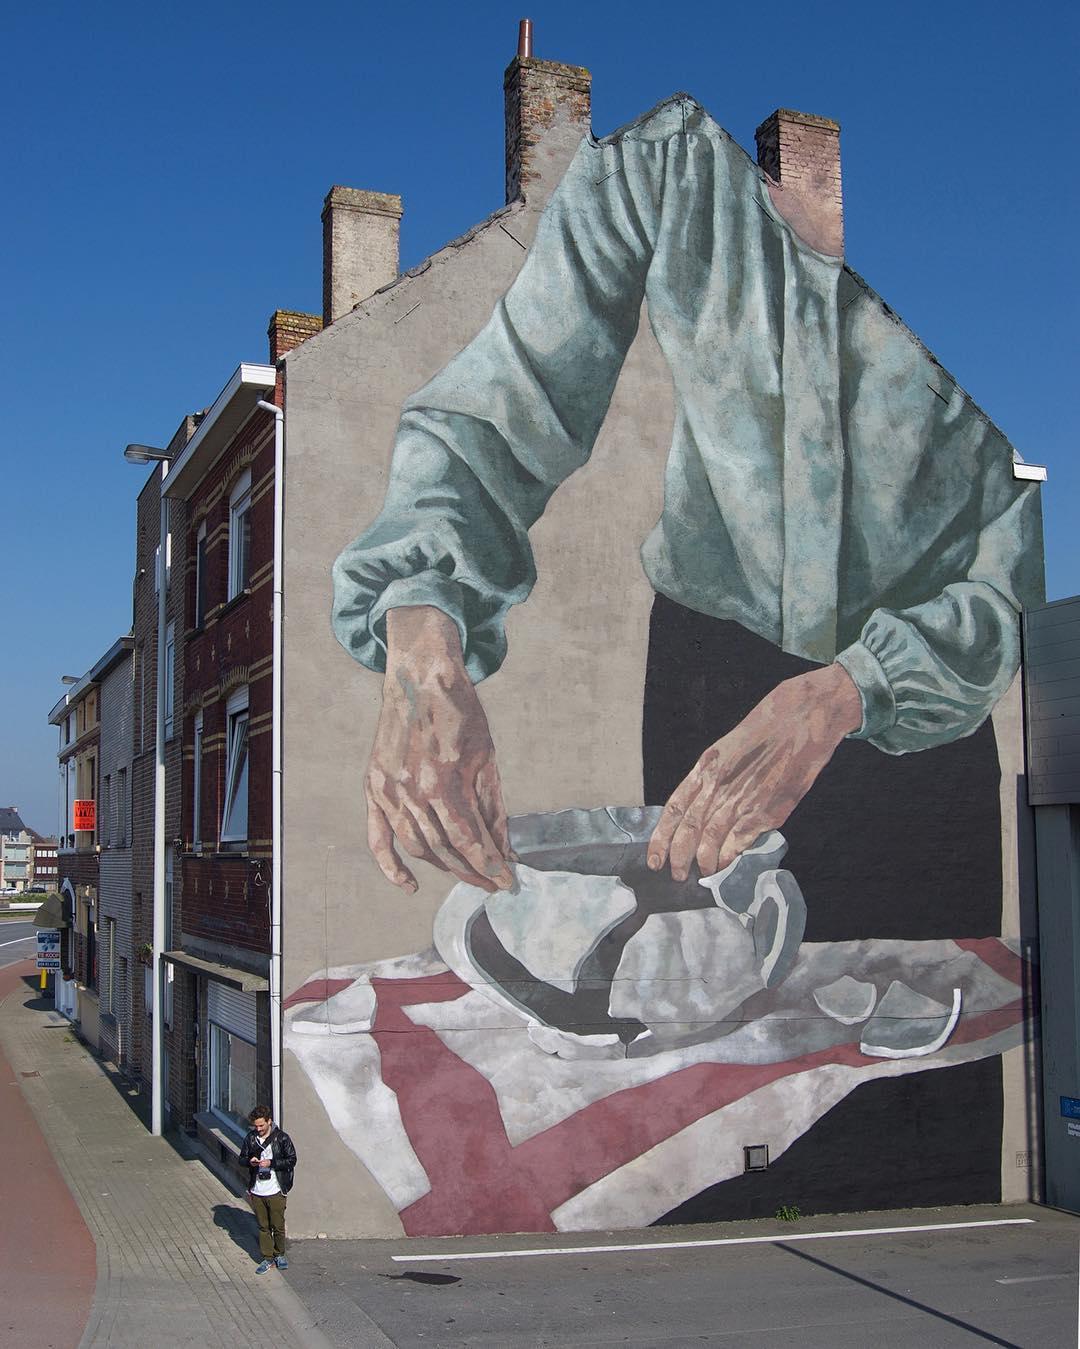 Œuvre Par Hyuro à Ostende